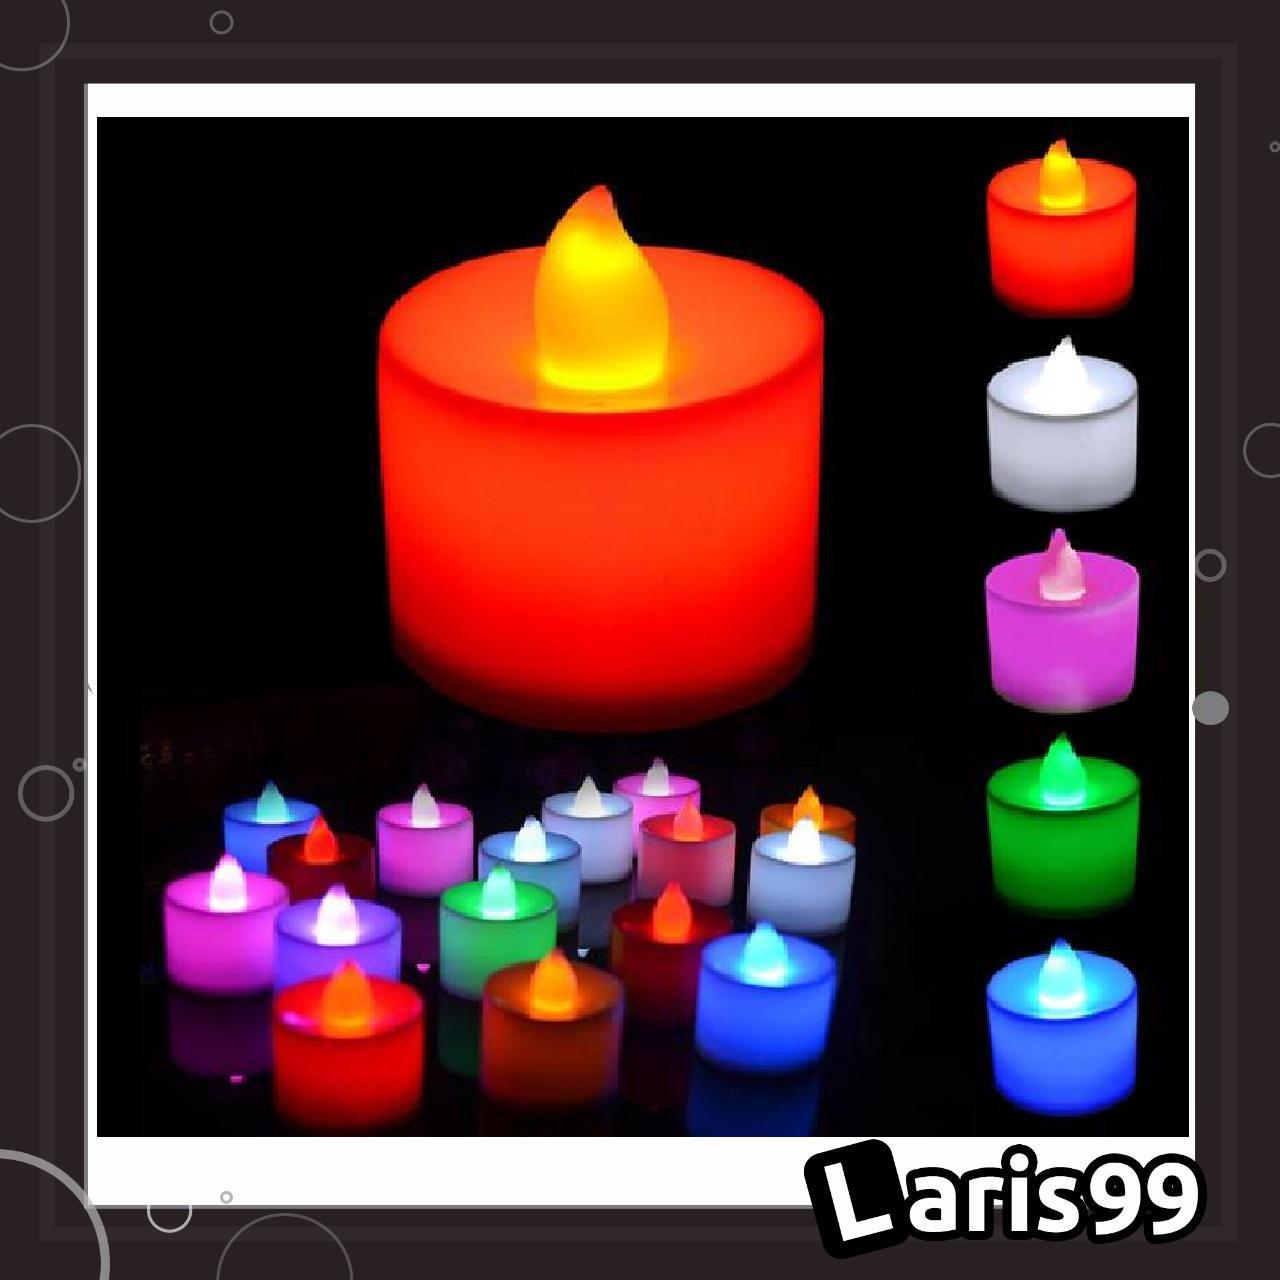 Laris99 Lle Lilin Led / Lampu Bentuk Lilin Dengan Baterai / Lampu Lilin Elektrik Led Plastic Flameless Candle Light By Laris99.